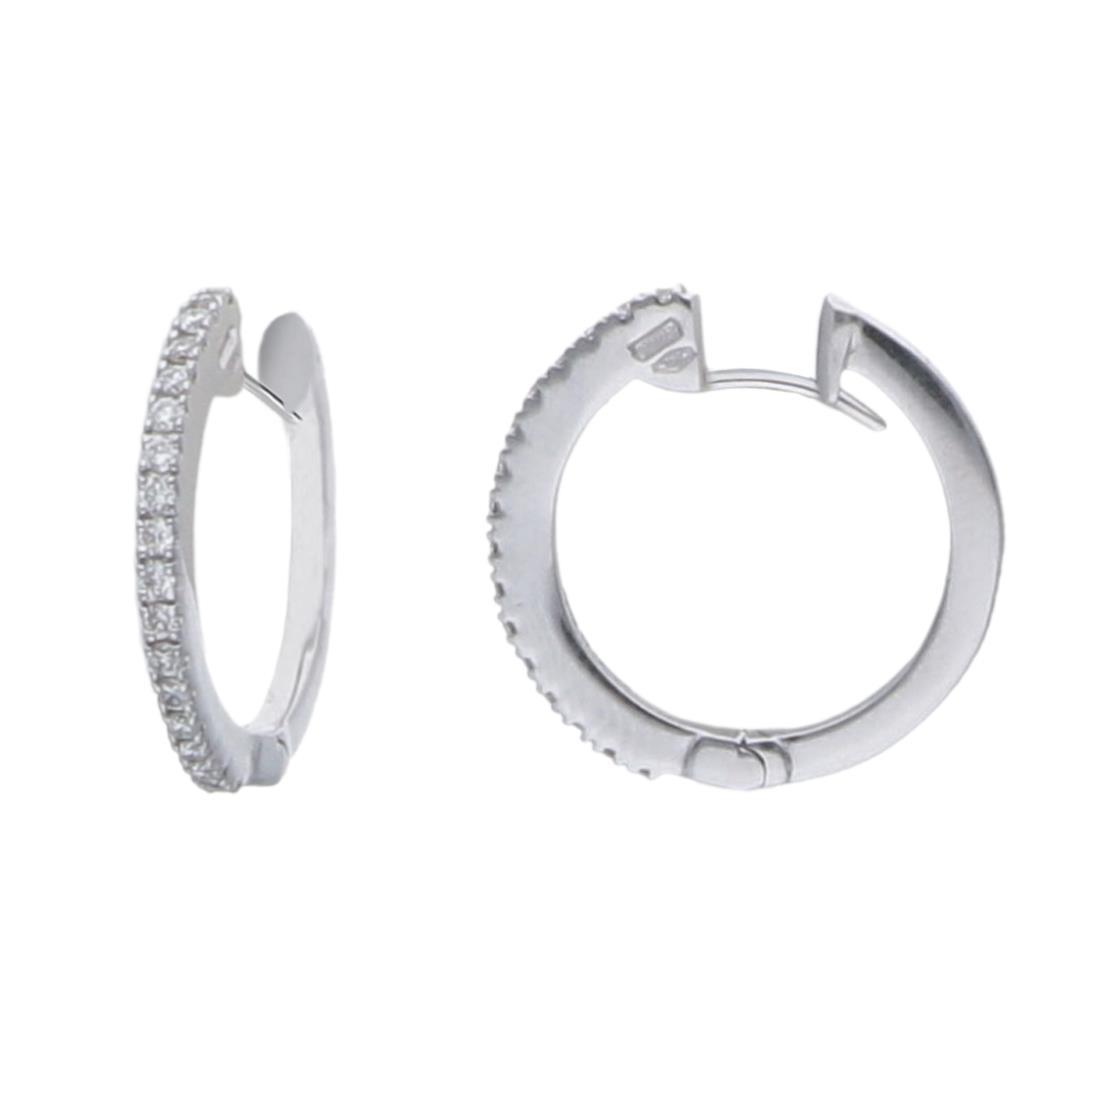 Orecchini a cerchio con diamanti ct. 0,38 - ALFIERI & ST. JOHN